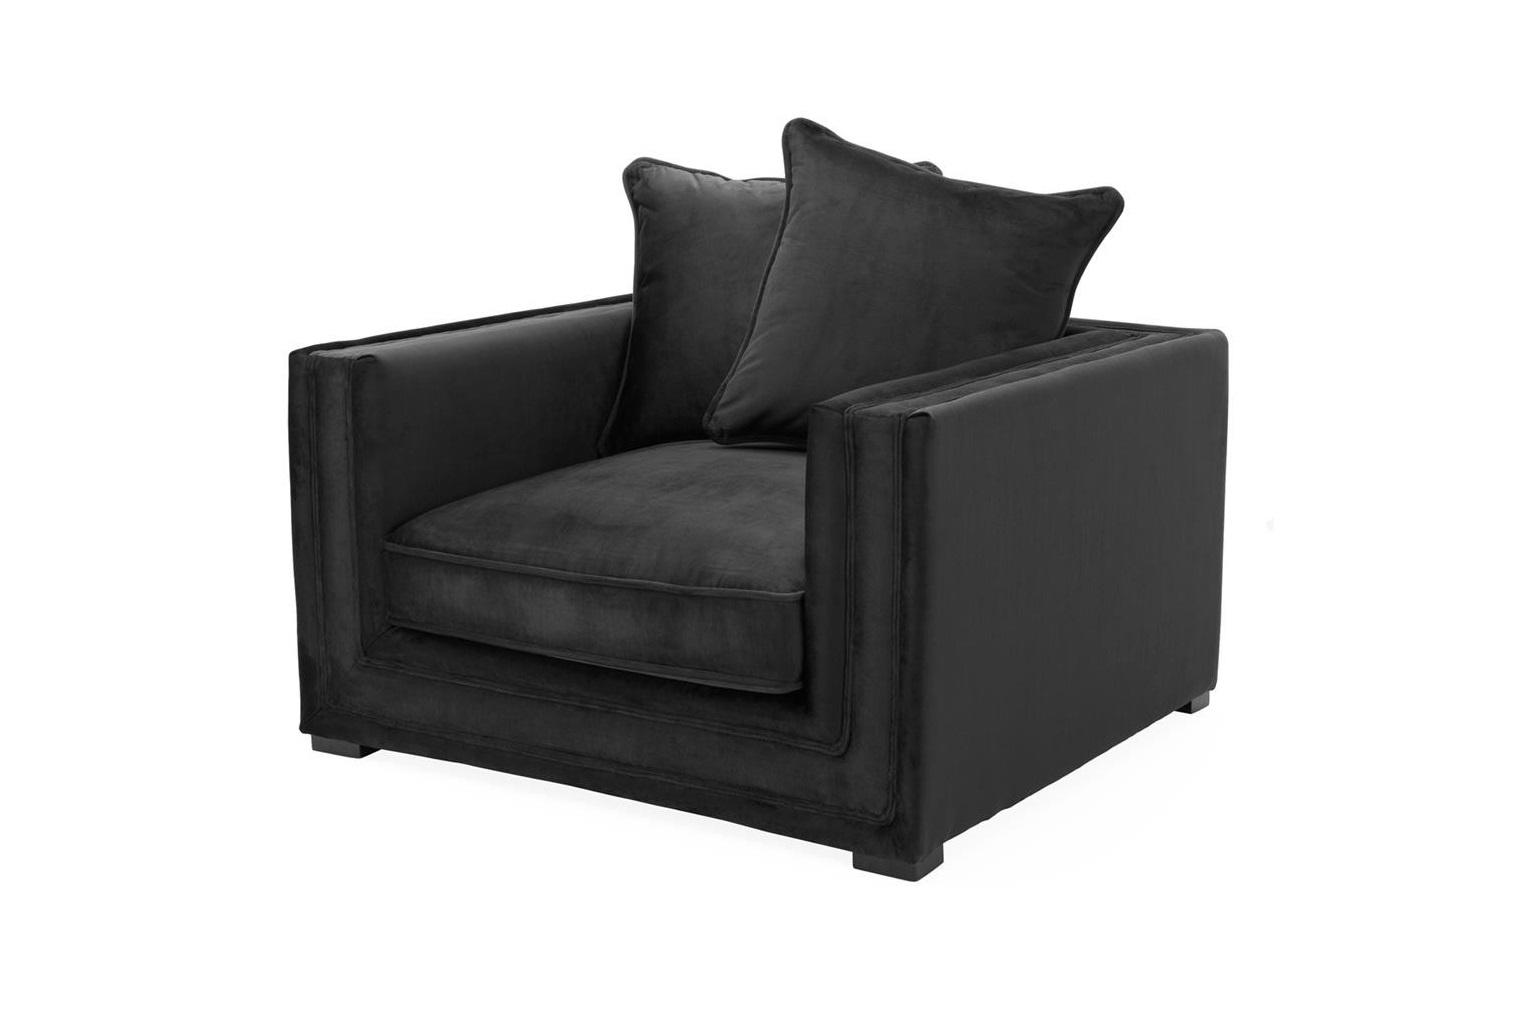 Кресло MenorcaИнтерьерные кресла<br><br><br>Material: Текстиль<br>Ширина см: 112.0<br>Высота см: 83.0<br>Глубина см: 106.0